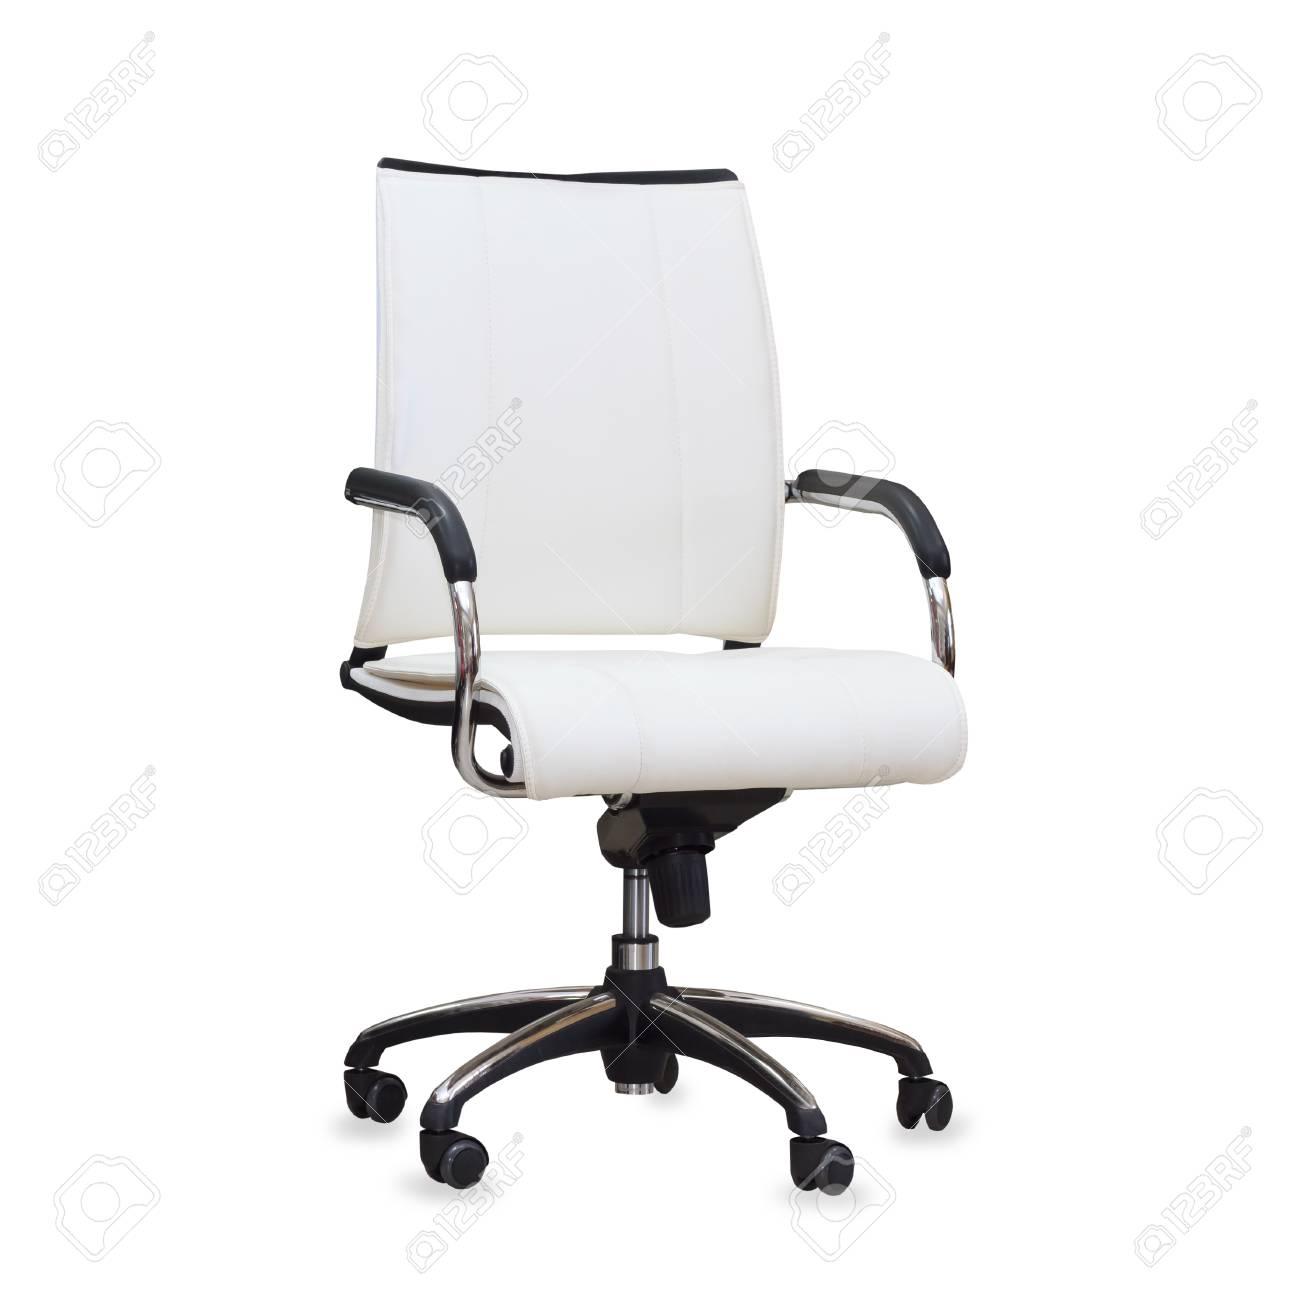 Draaistoel Wit Leer.Moderne Bureaustoel Van Wit Leer Geisoleerd Royalty Vrije Foto